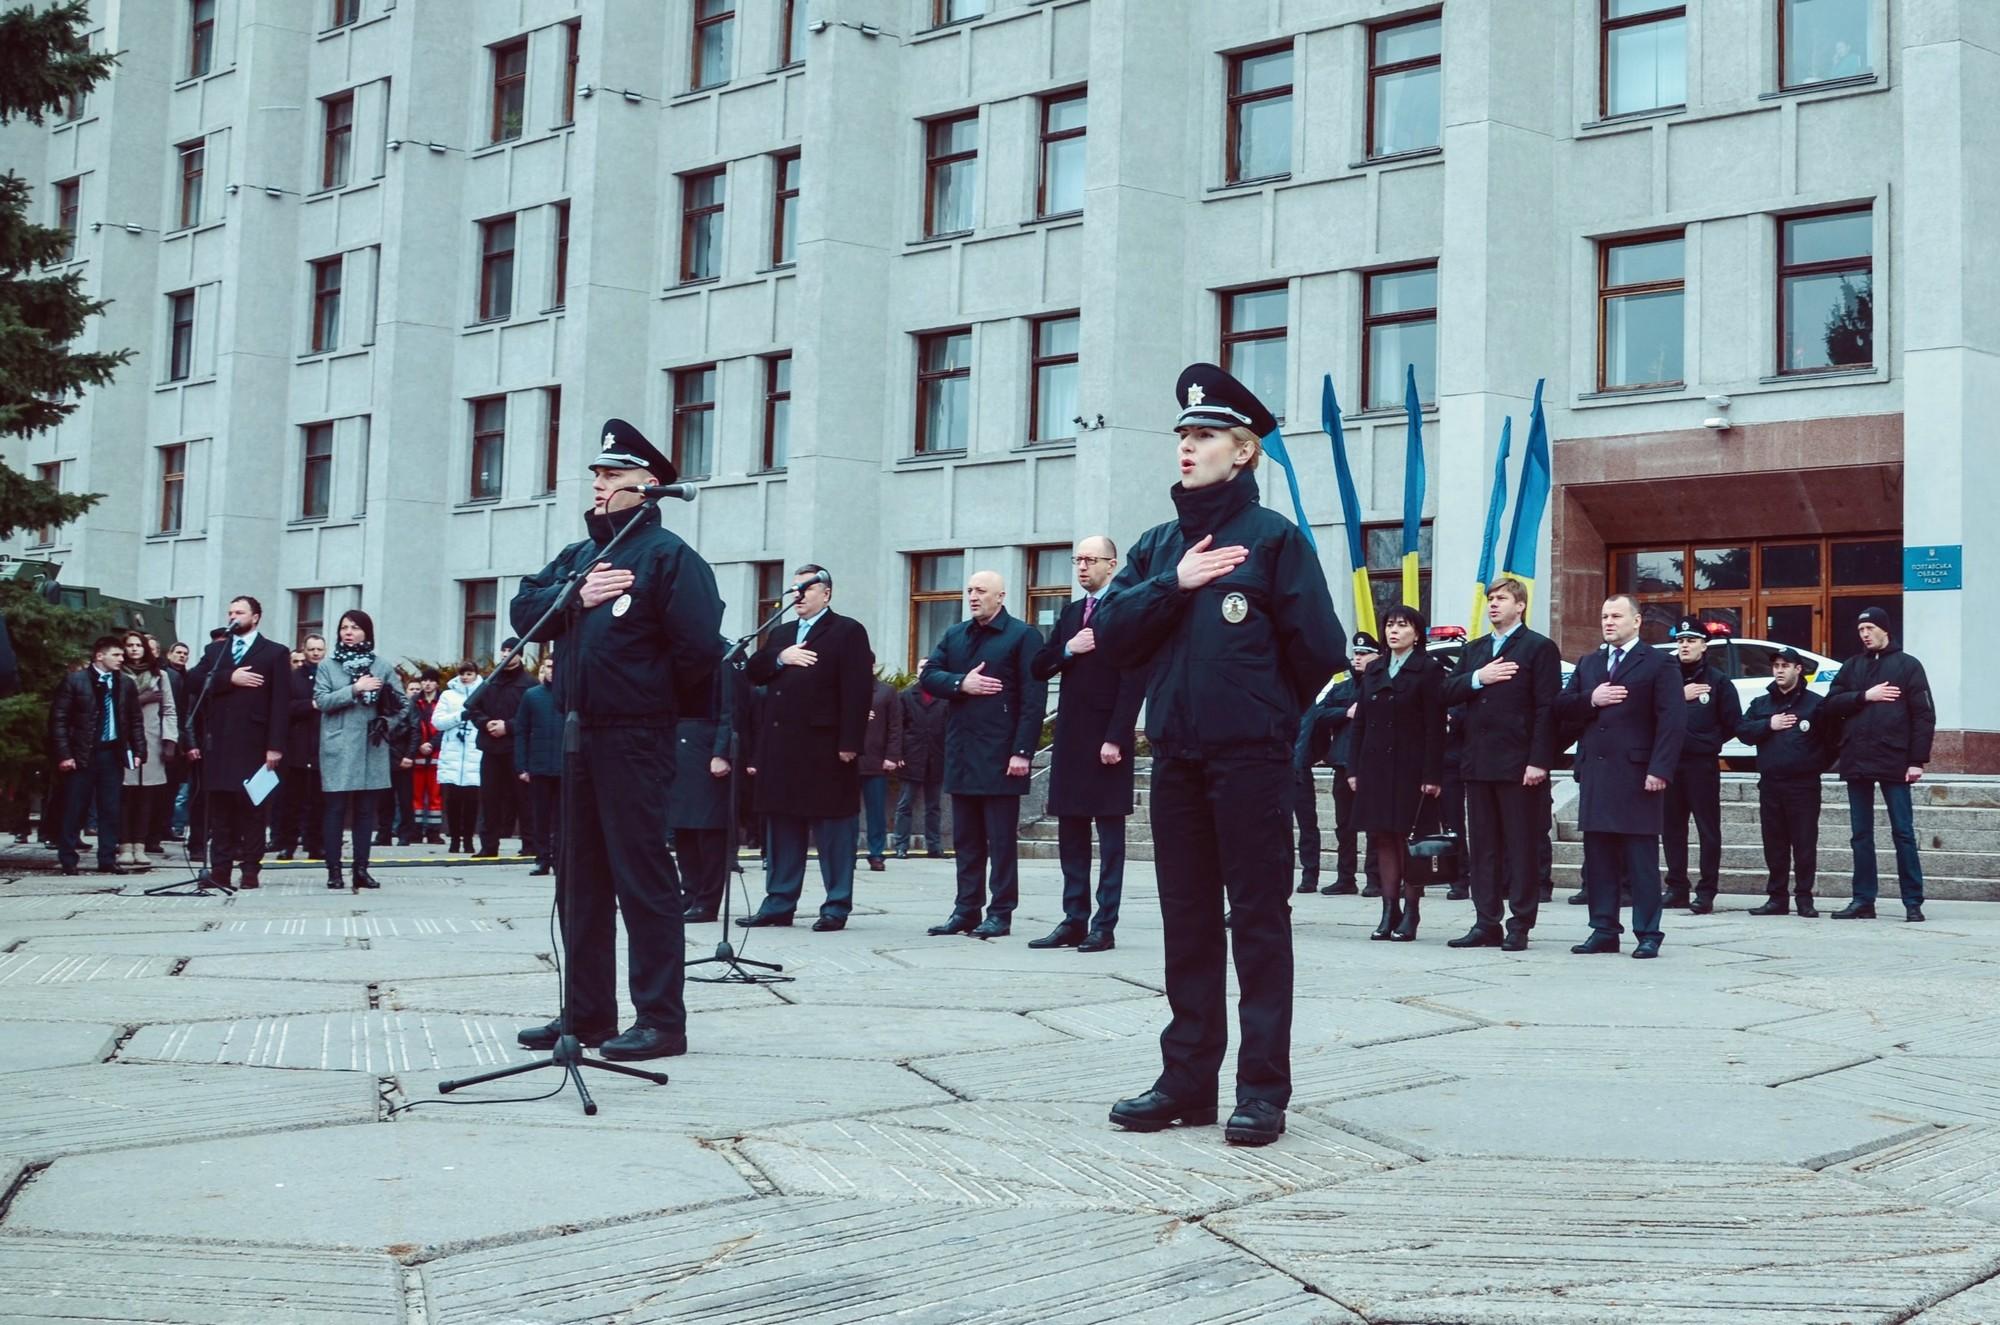 Оржиця,  райрада, Полтава, поліція, патруль